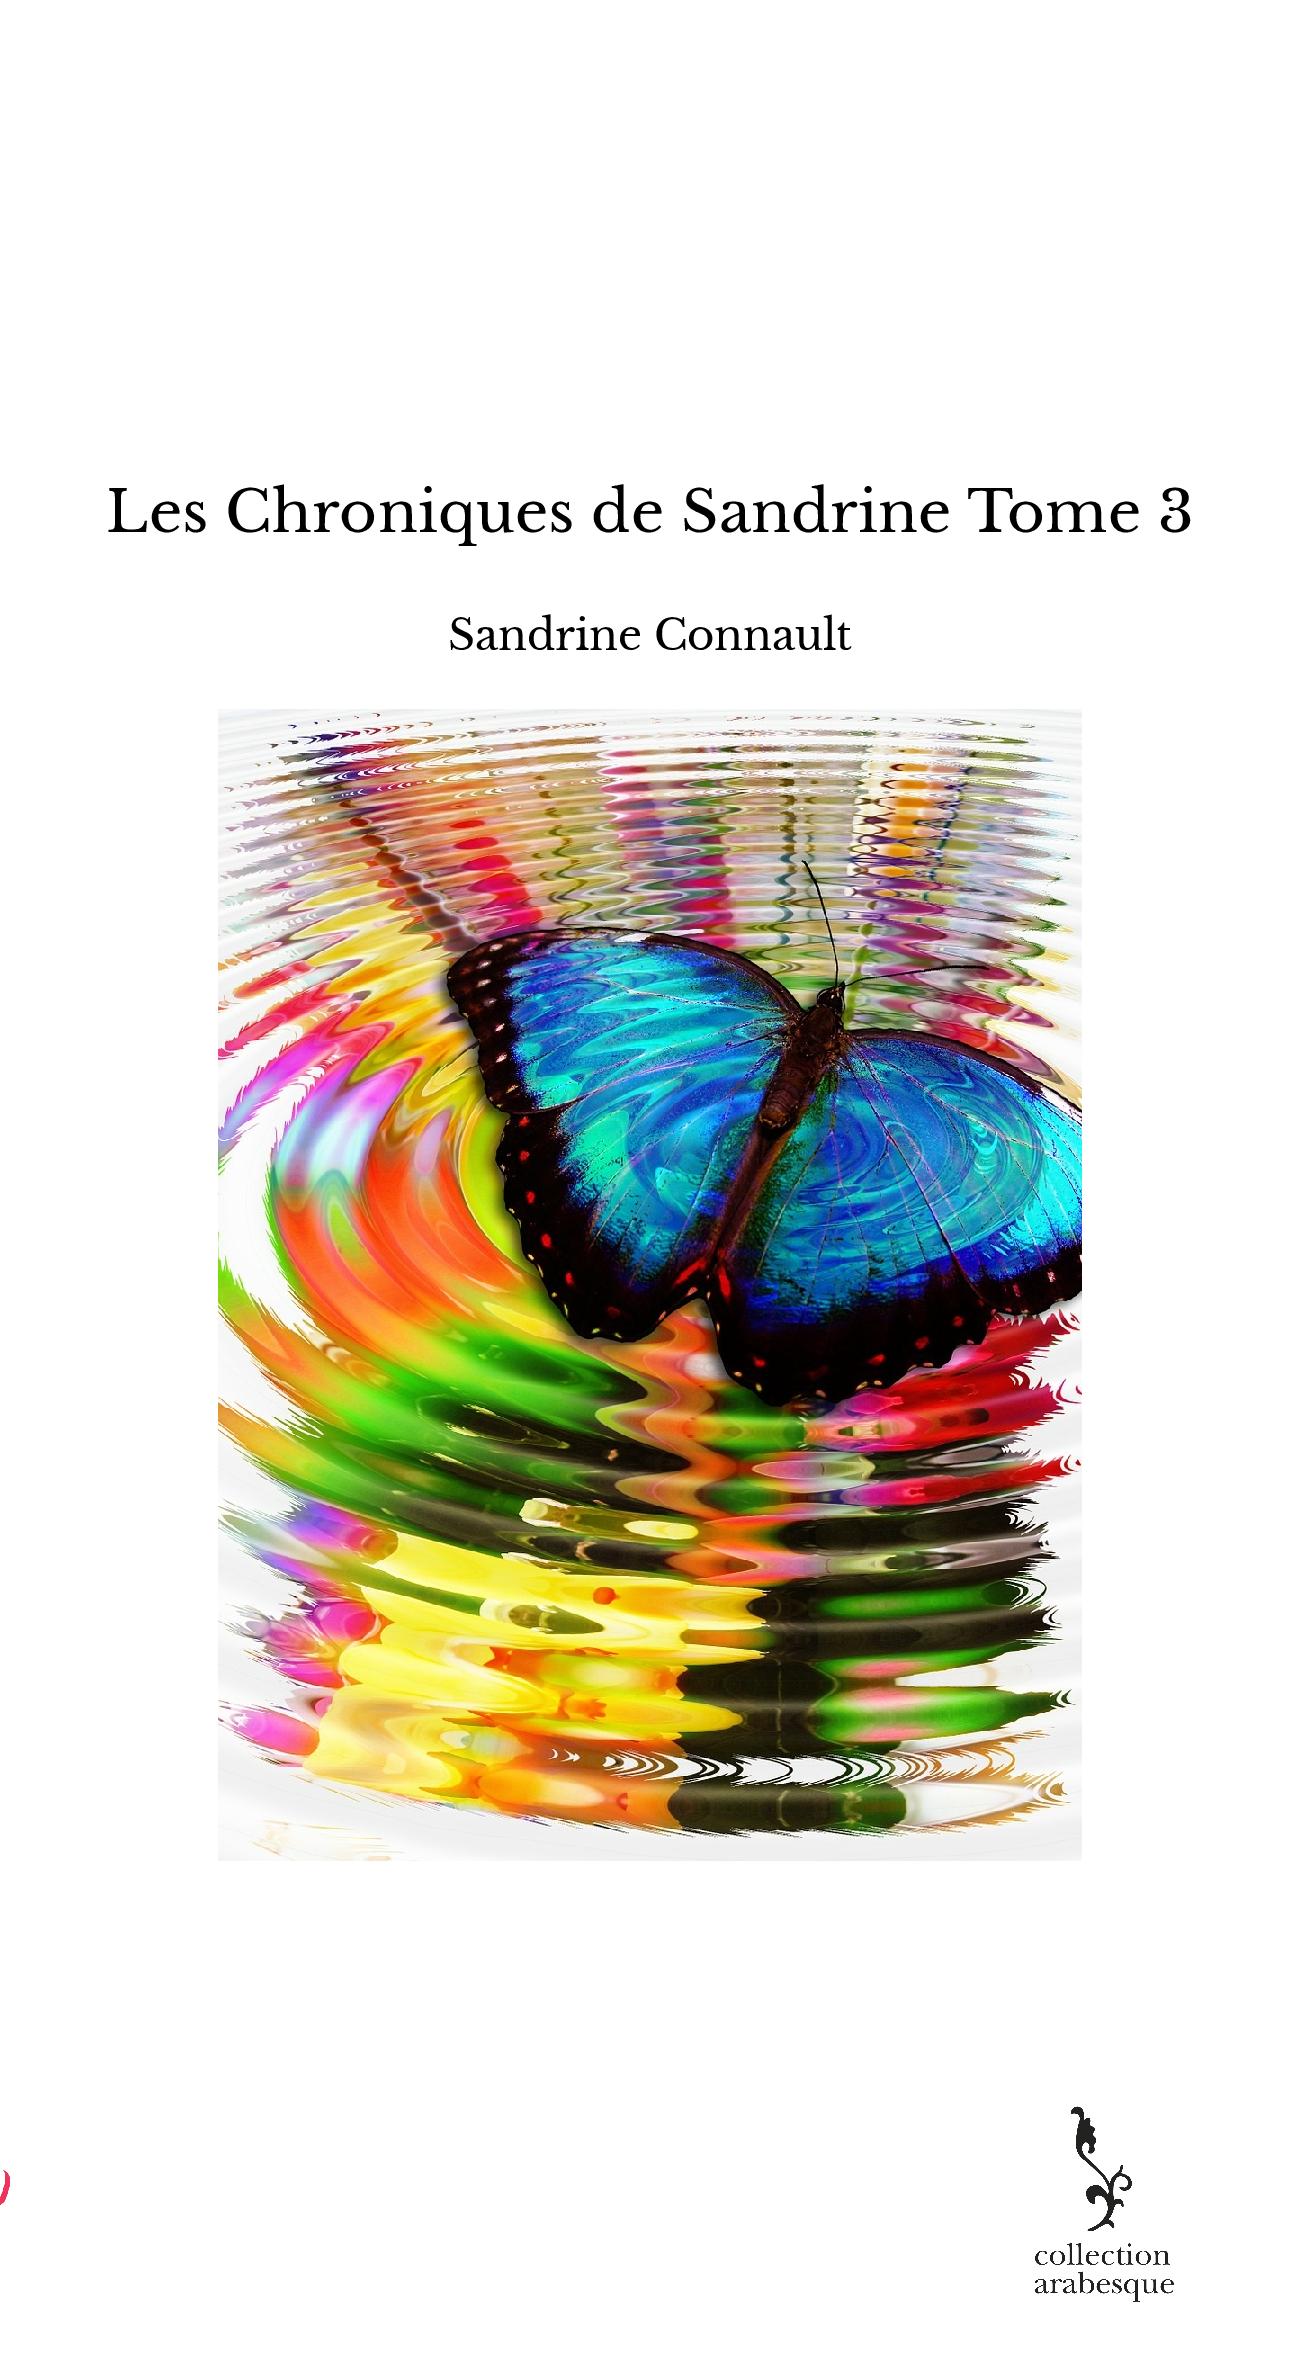 Les Chroniques de Sandrine Tome 3